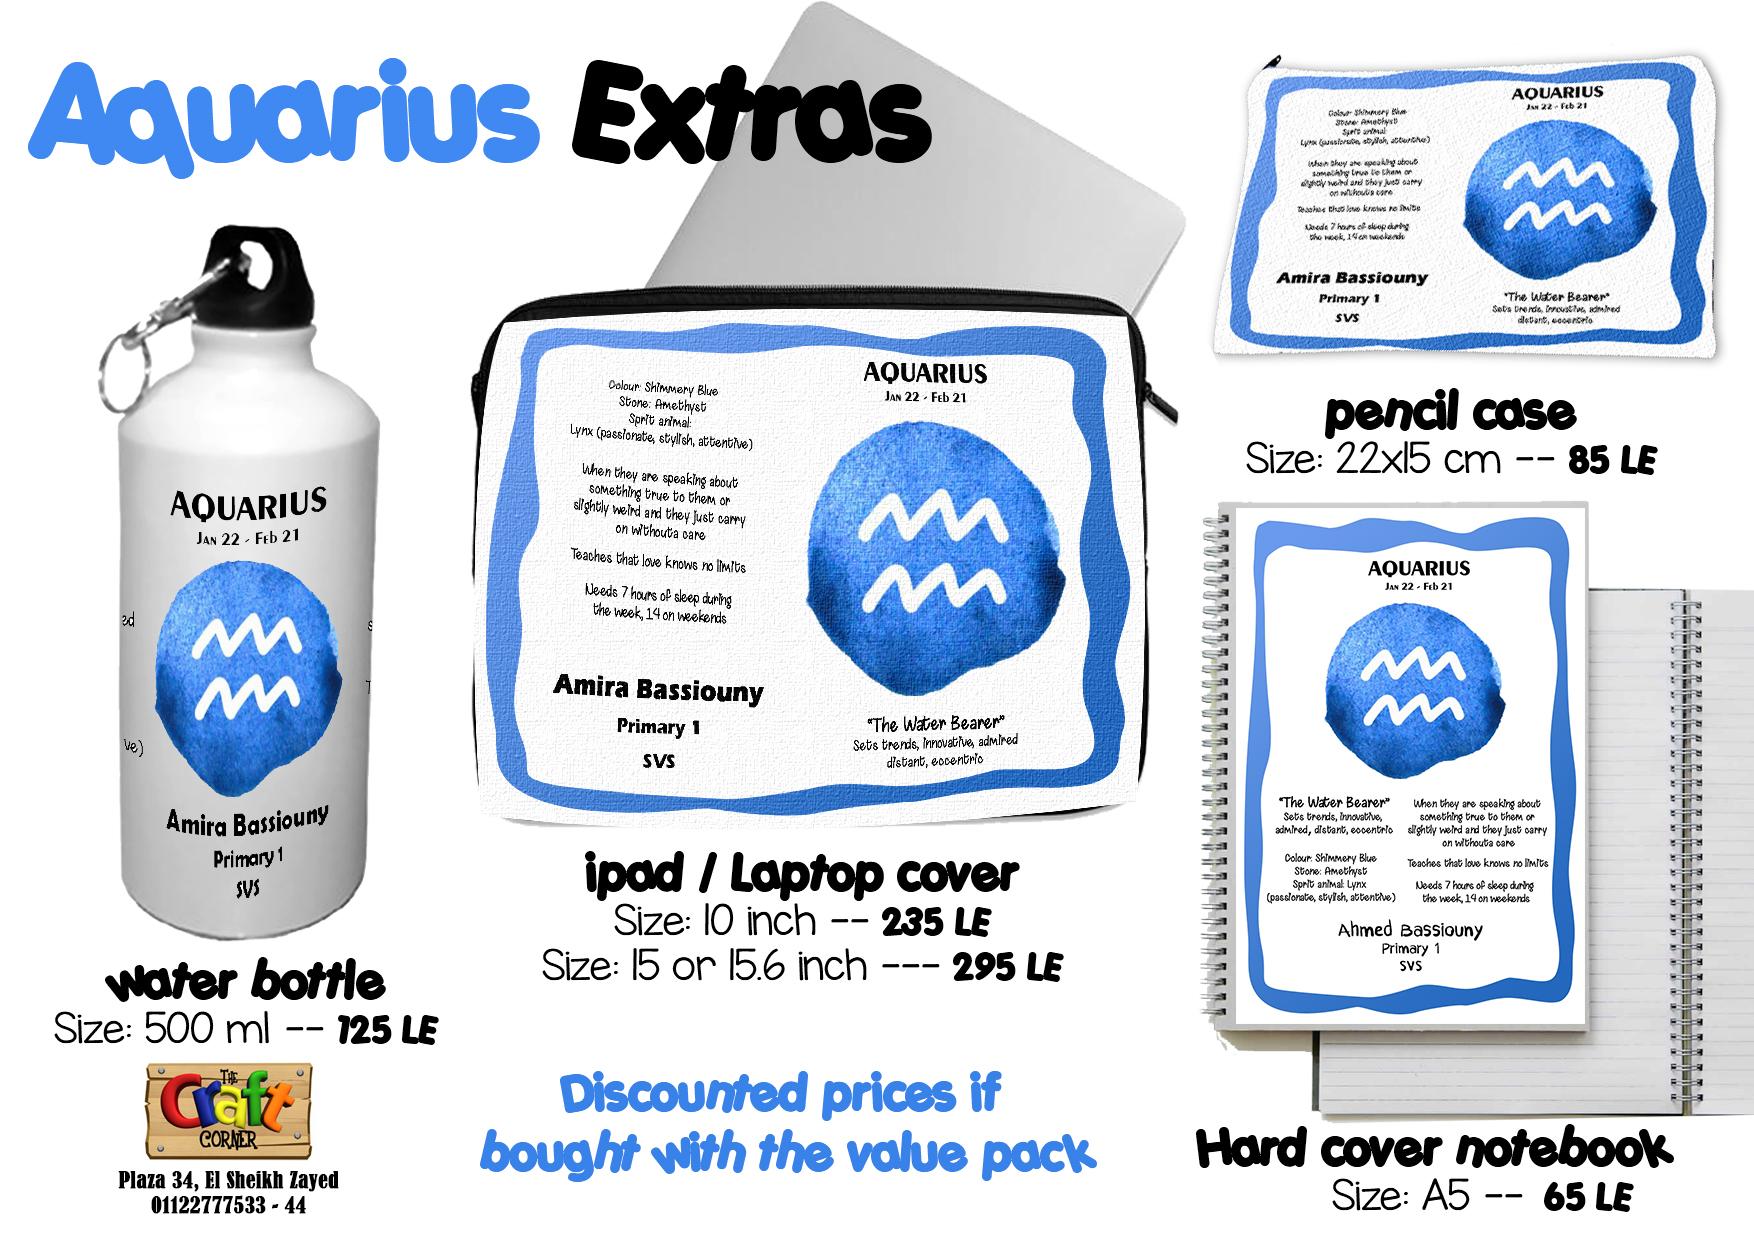 Aquarius Extras